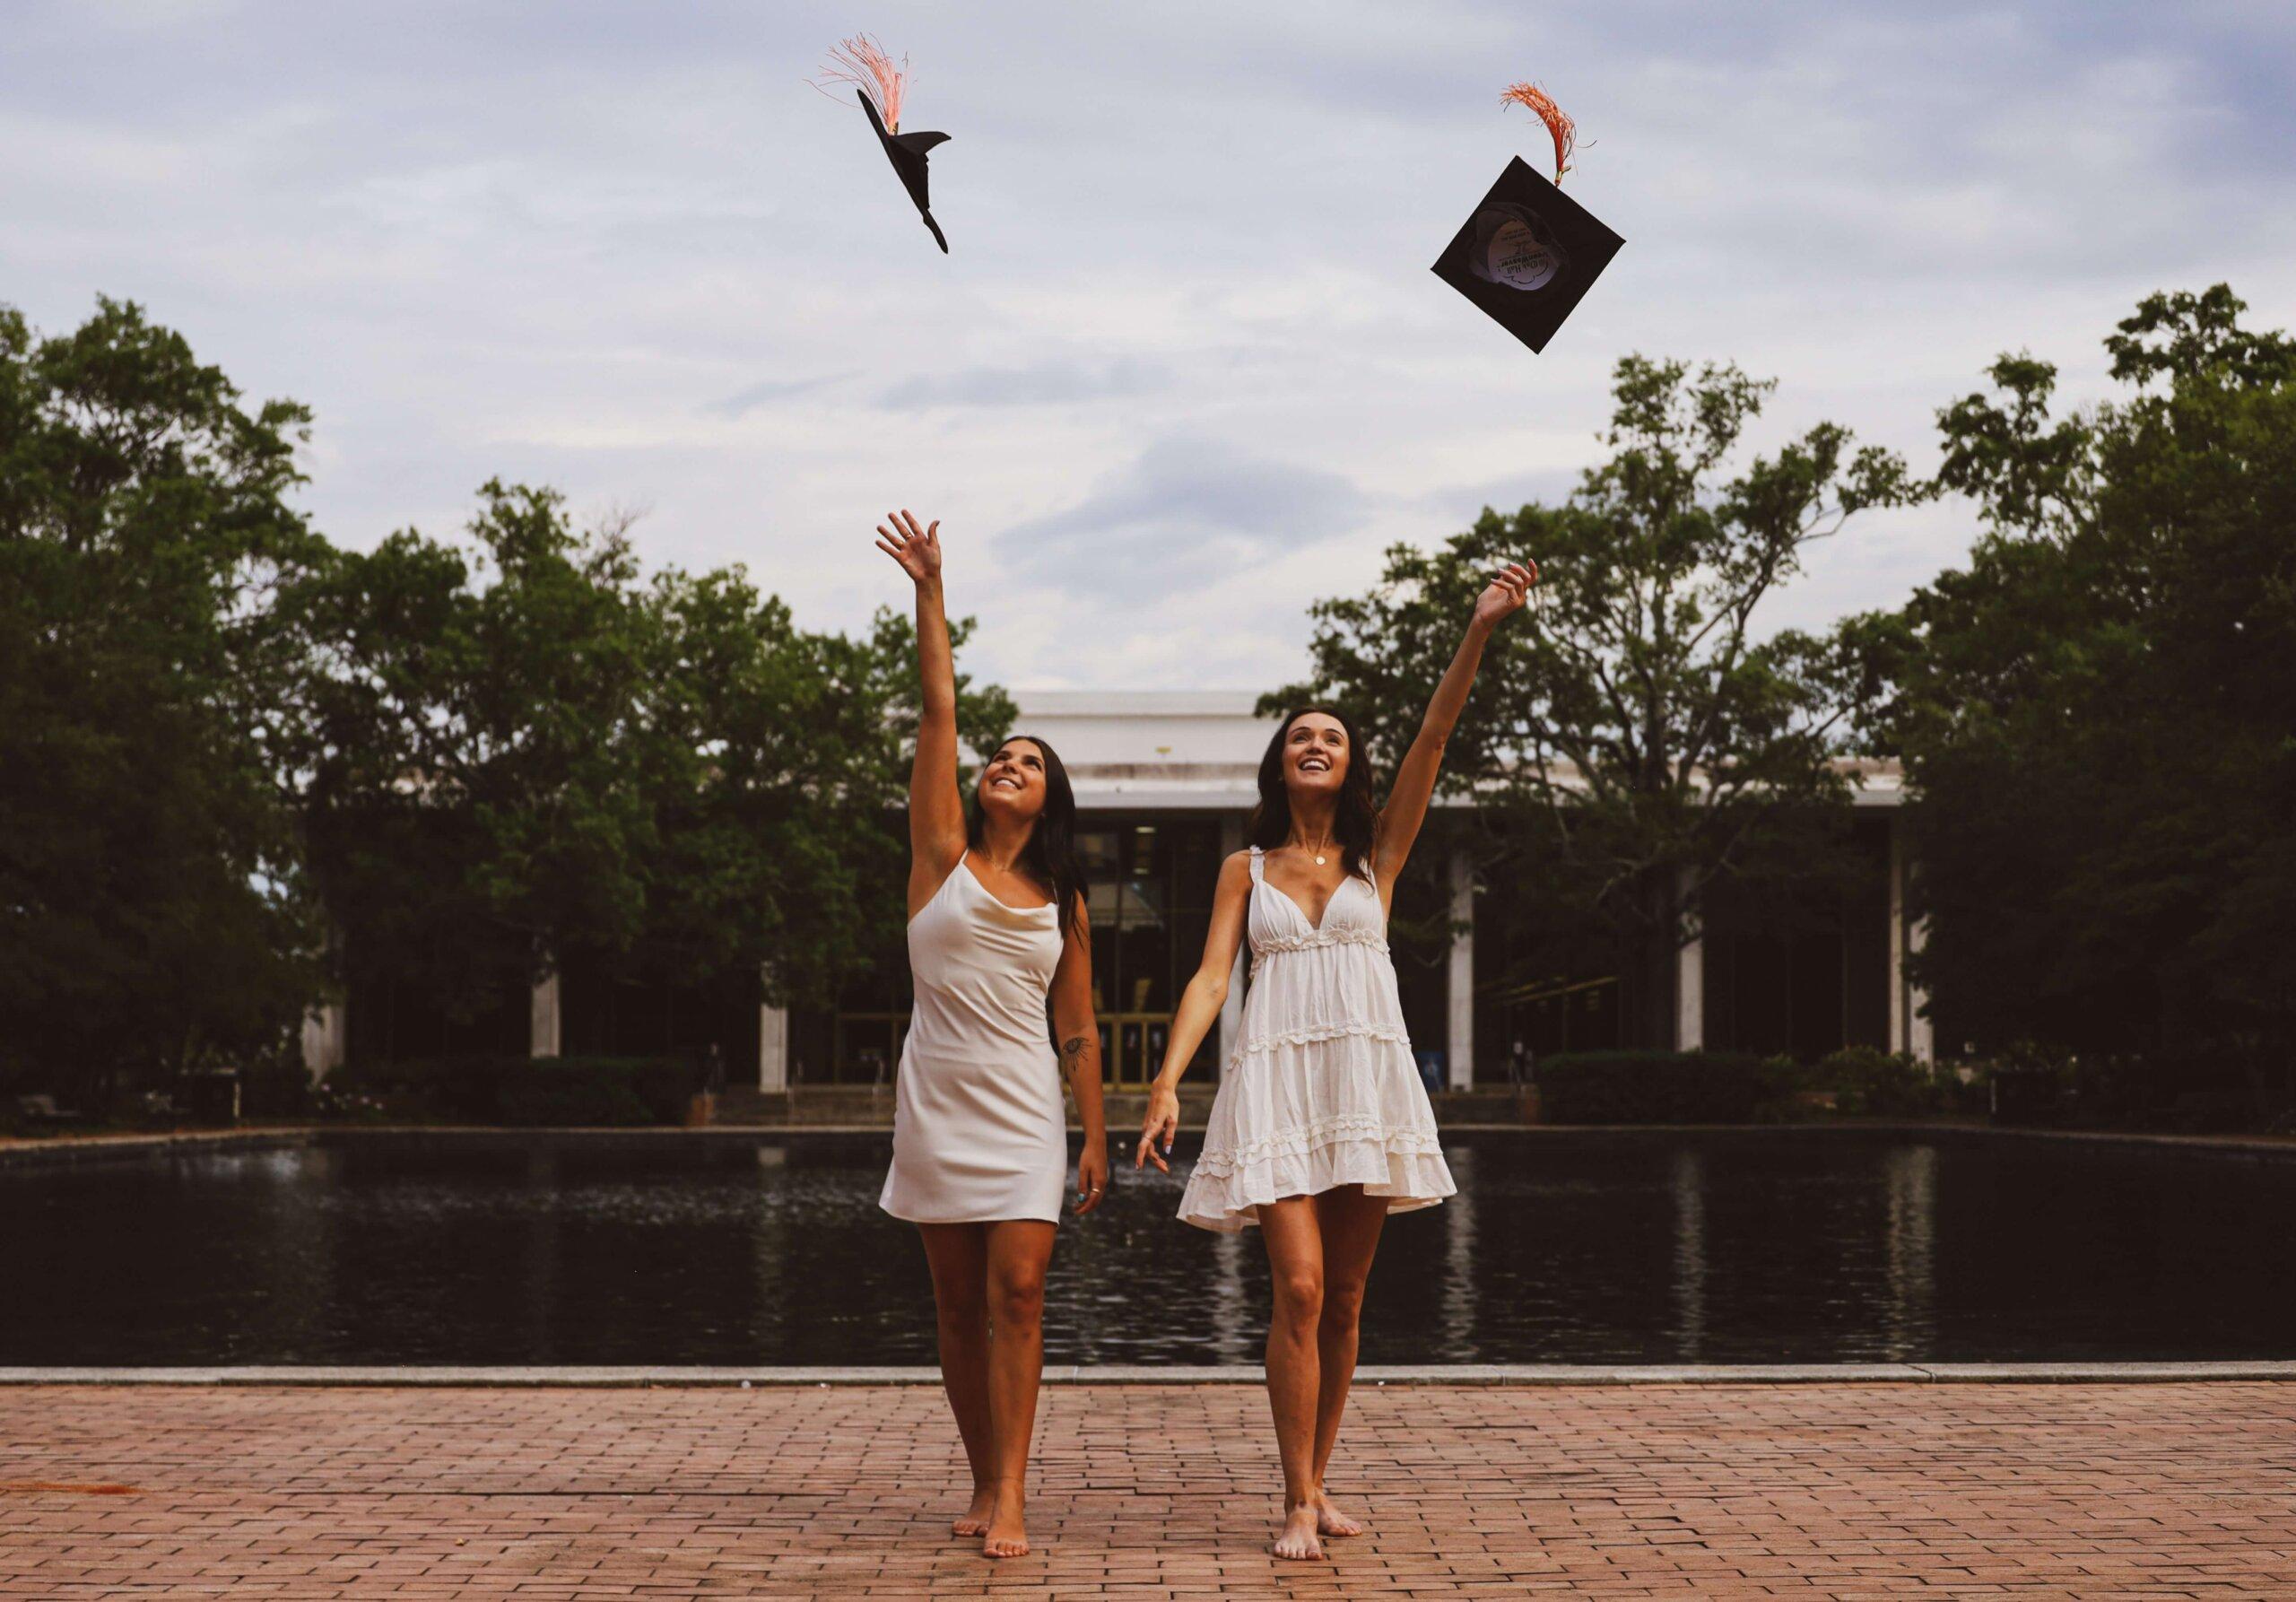 卒業写真をドレス姿で撮るのはあり?卒業写真に似合うドレスをご紹介